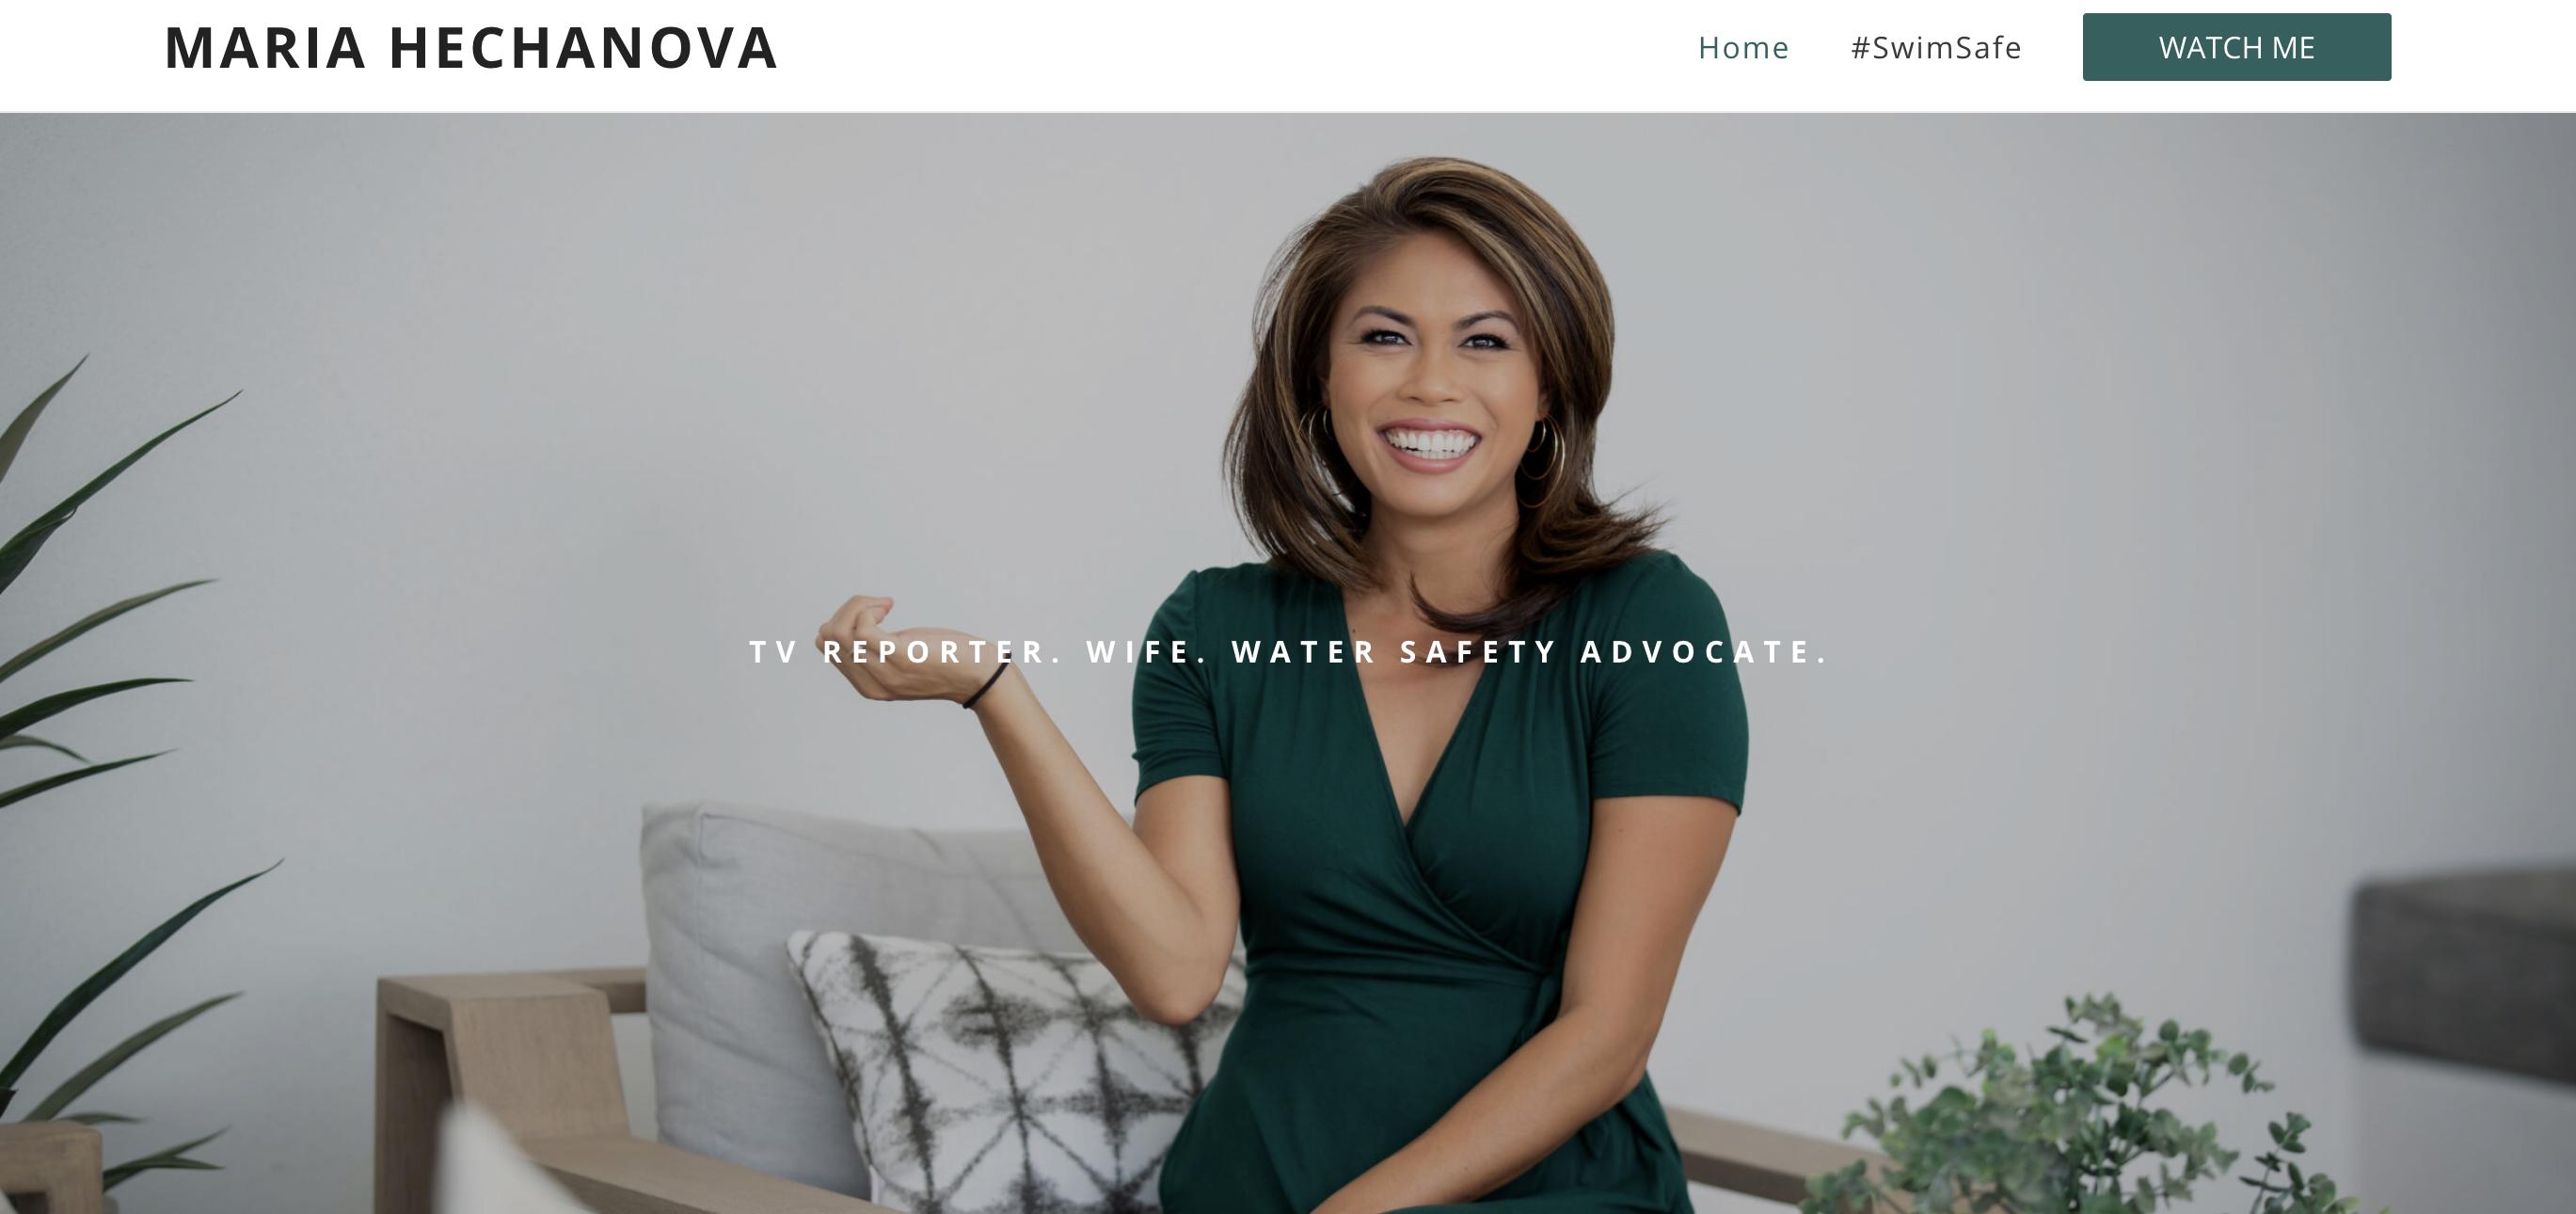 Maria Hechanova Website